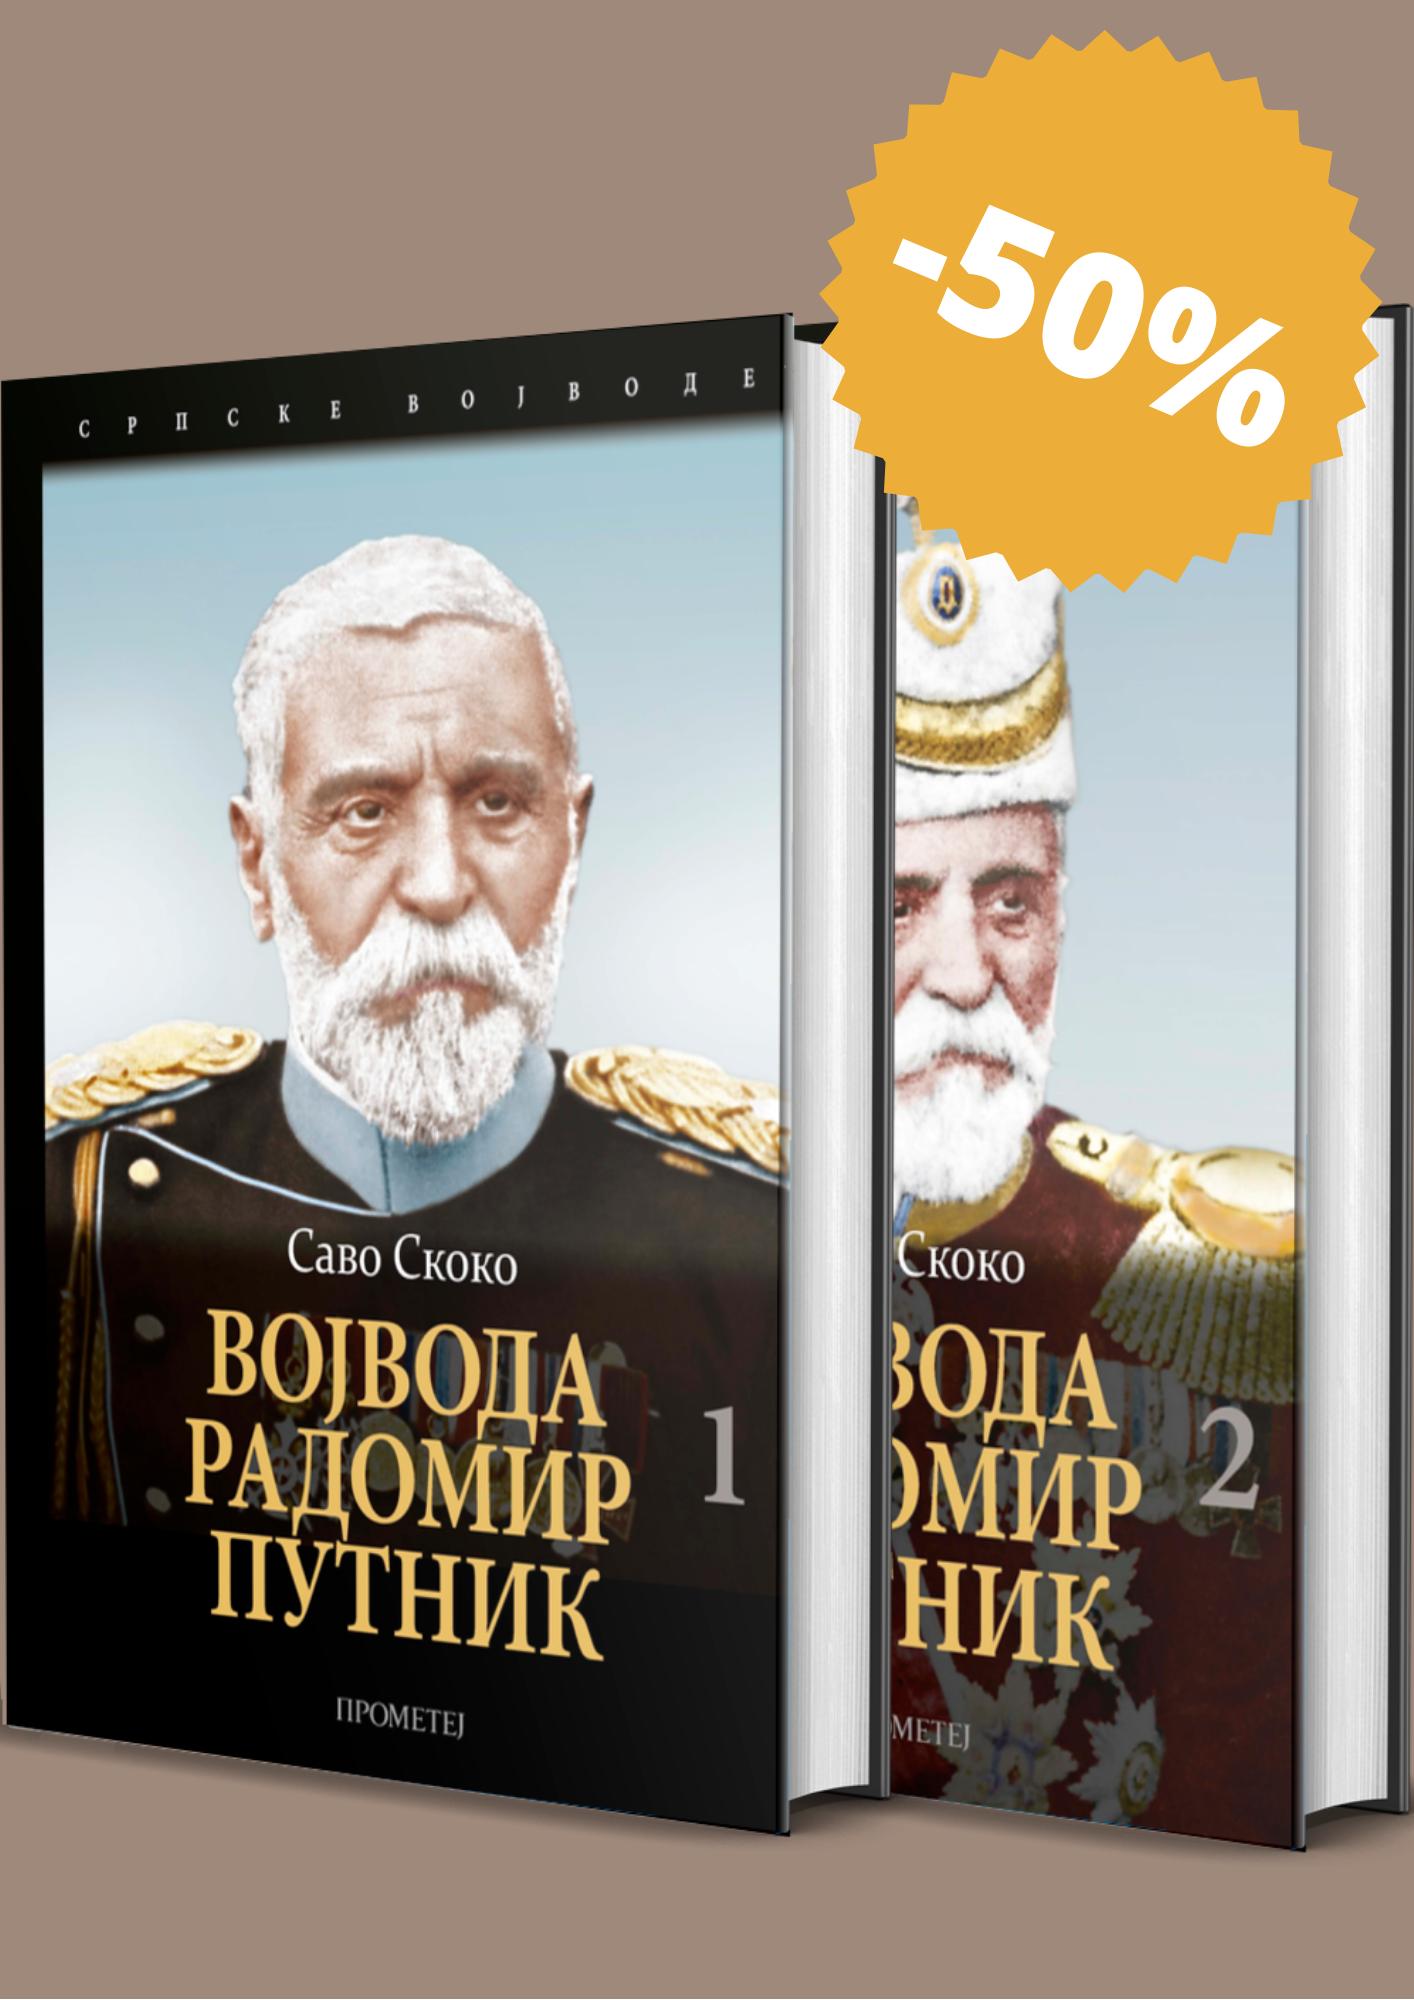 Војвода Путник 1 и 2